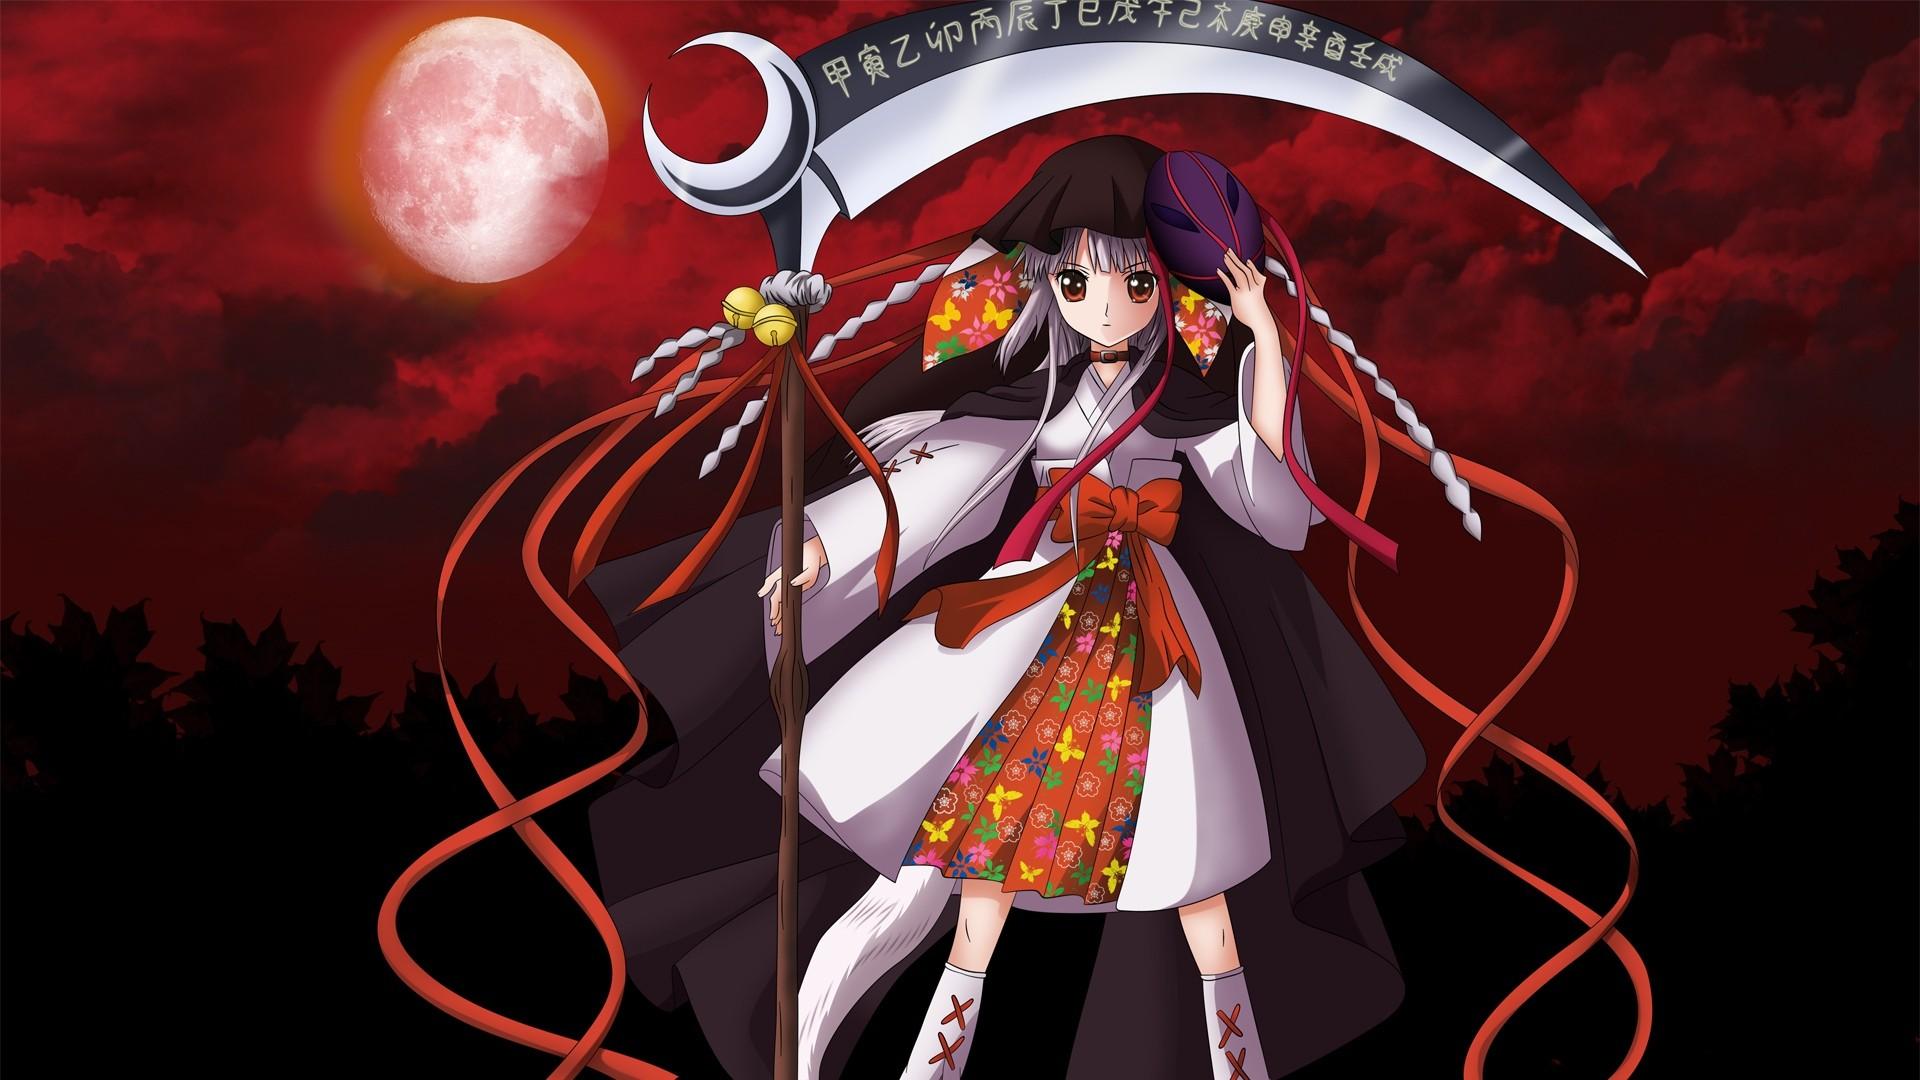 Wallpaper illustration anime girls weapon scythe - Anime scythe wallpaper ...